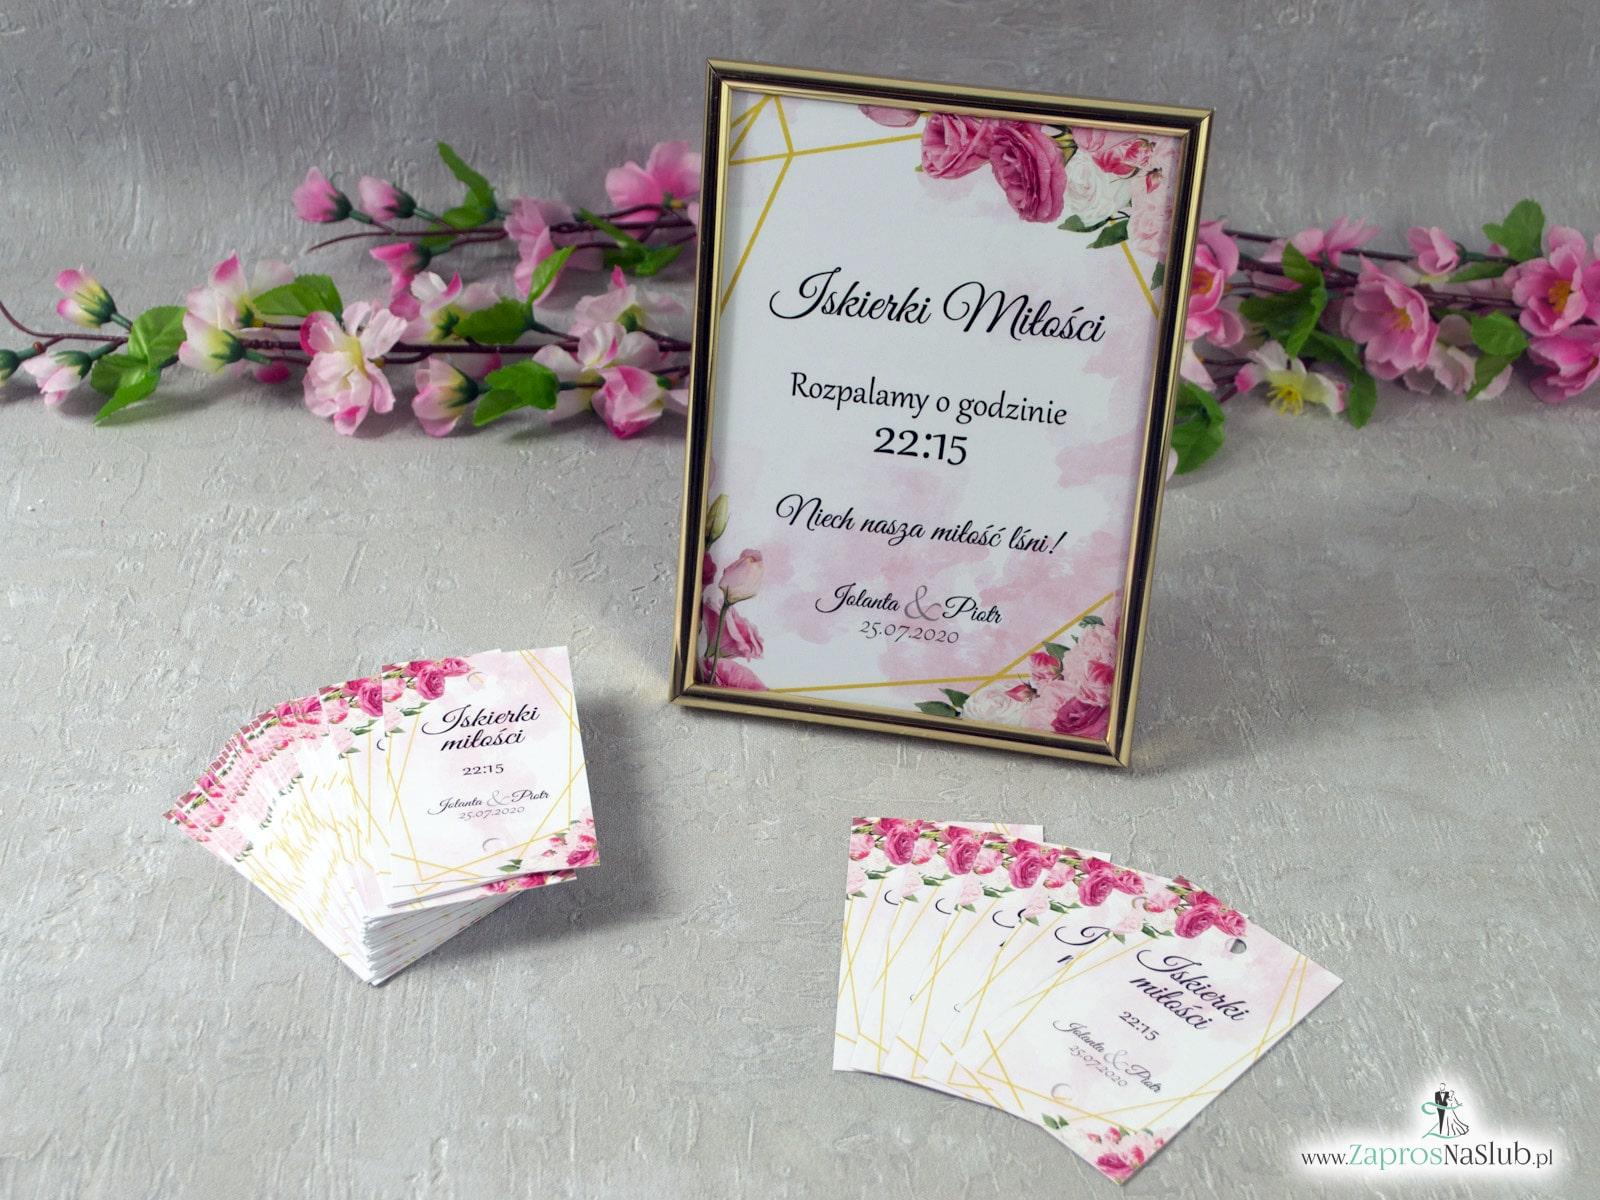 Tabliczka informacyjna Iskierki miłości ze złotymi liniami i różowymi kwiatami w różnych odcieniach IMIR-131 ZaprosNaSlub